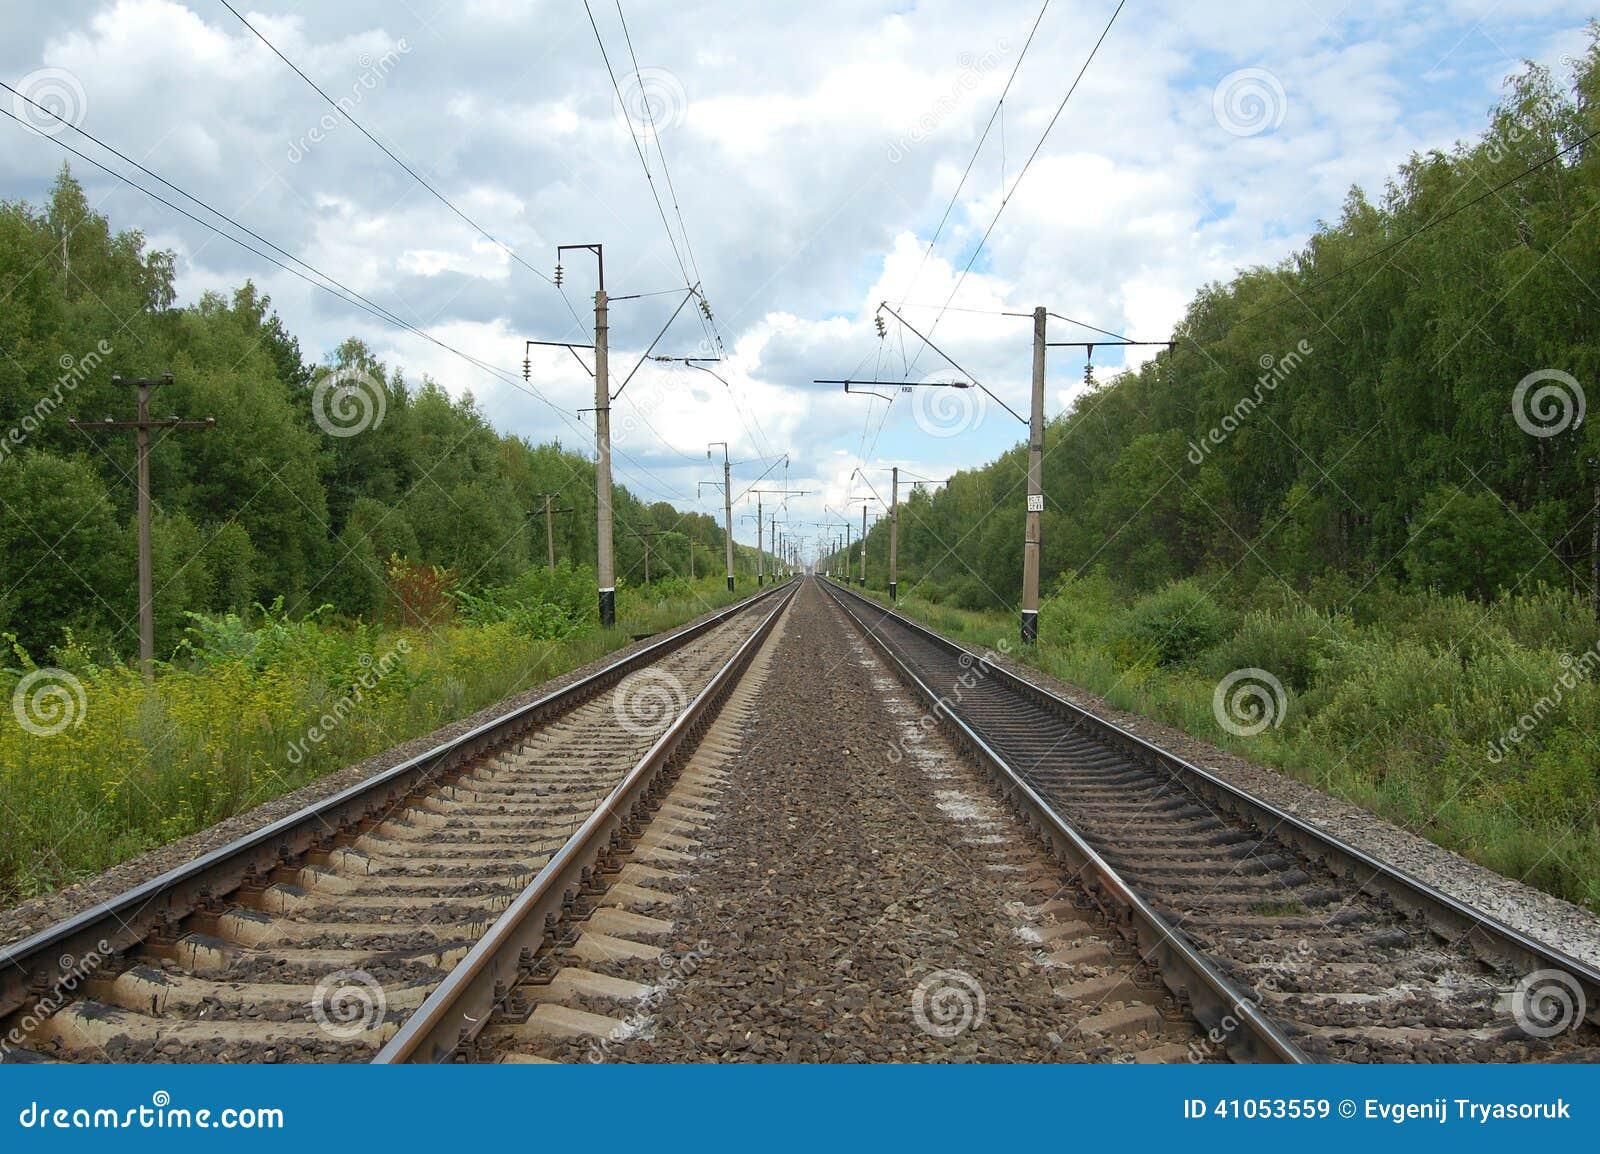 Eisenbahn Stockbild Bild Von Bett Schienen Lkw Wald 41053559